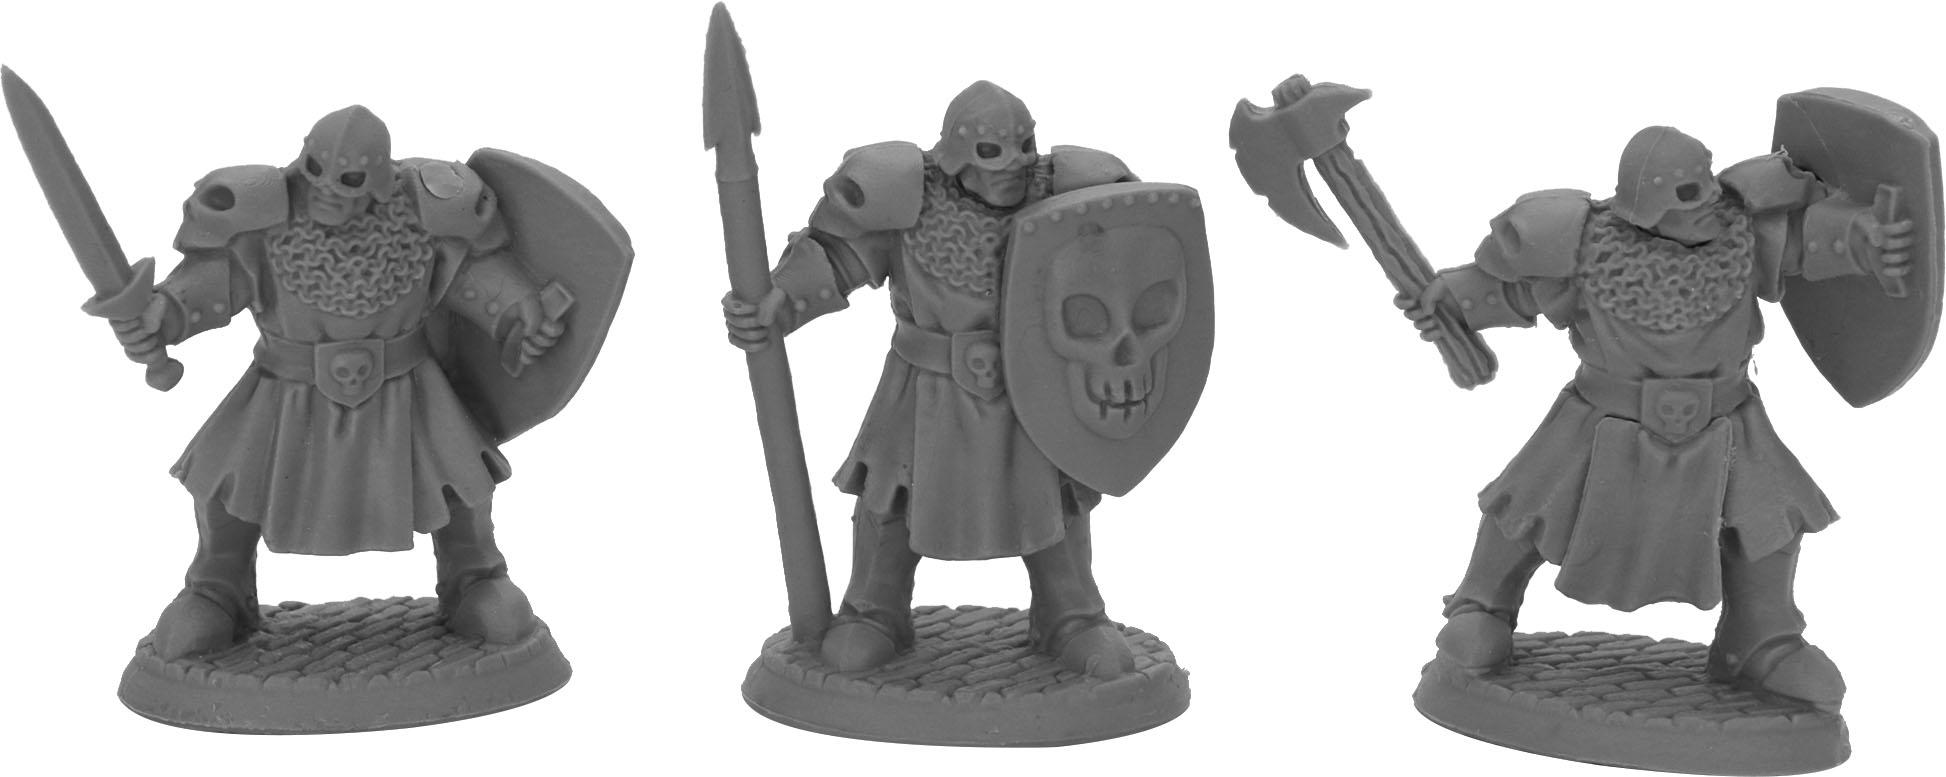 Dark Heaven: Bones Maggotcrown Men At Arms (3) Game Box